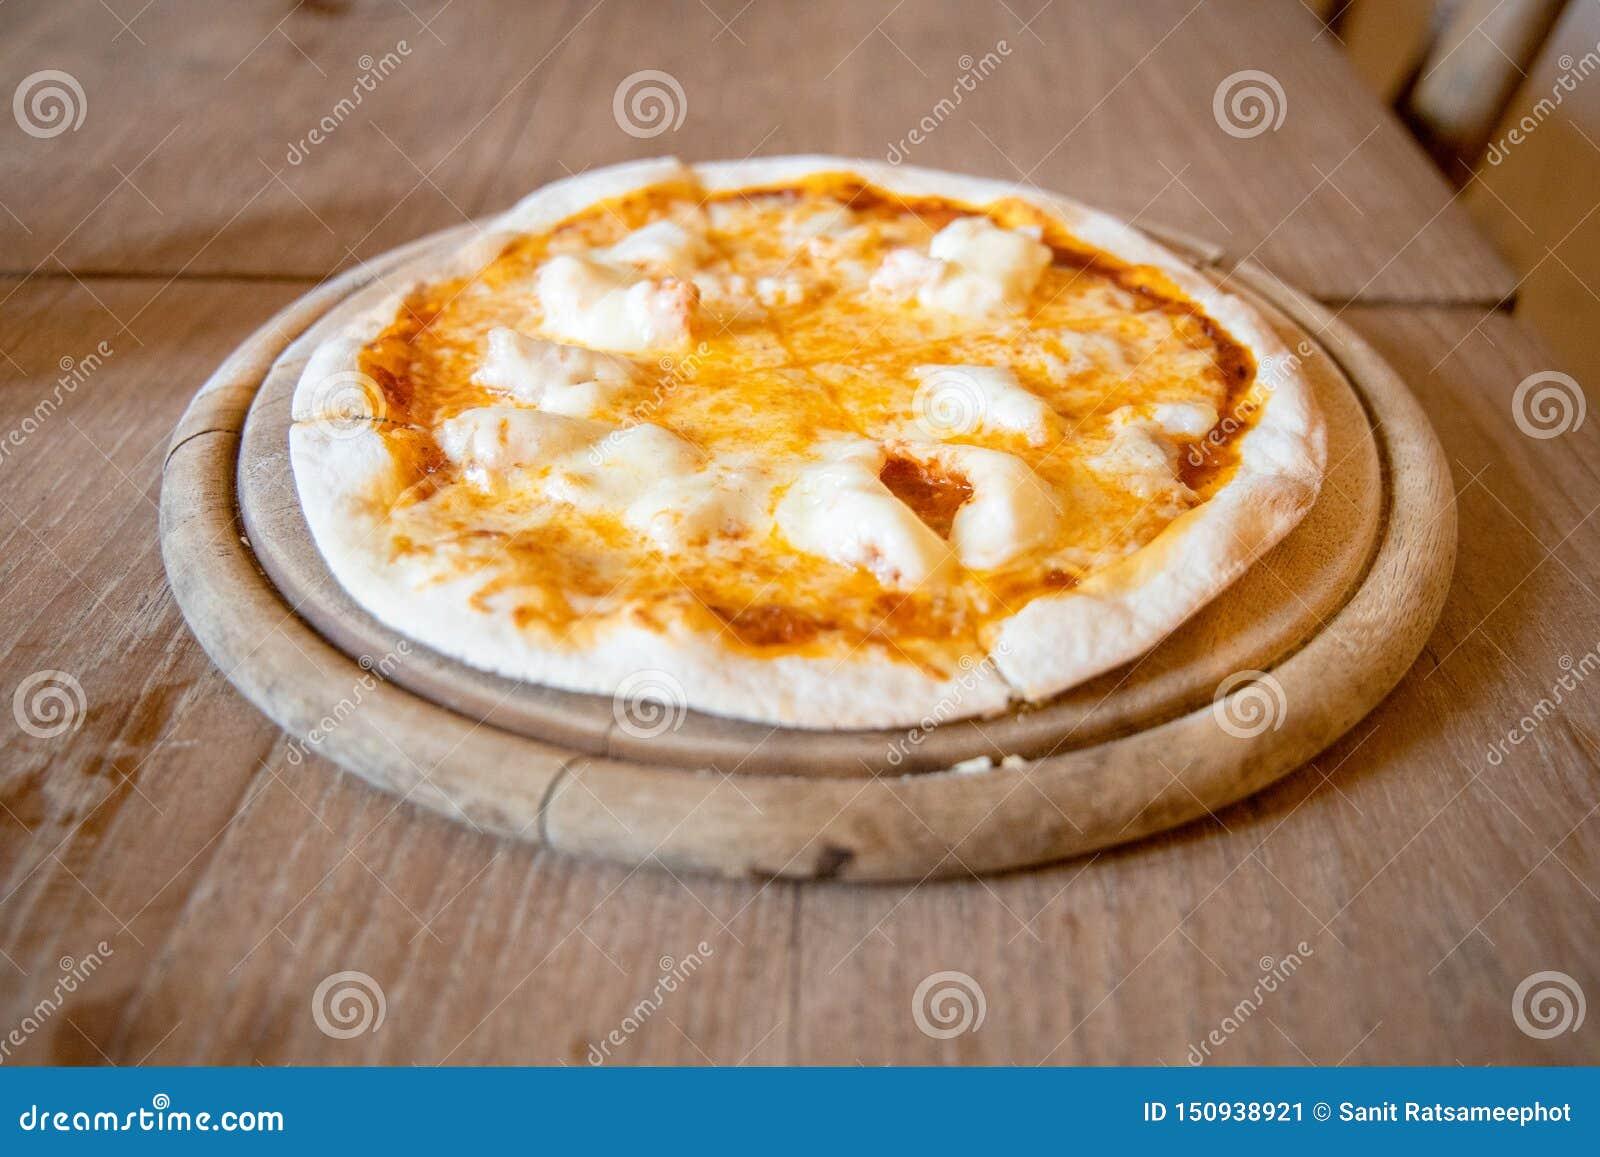 Κατ  οίκον γίνοντη τριζάτη λεπτή πίτσα τυριών και γαρίδων